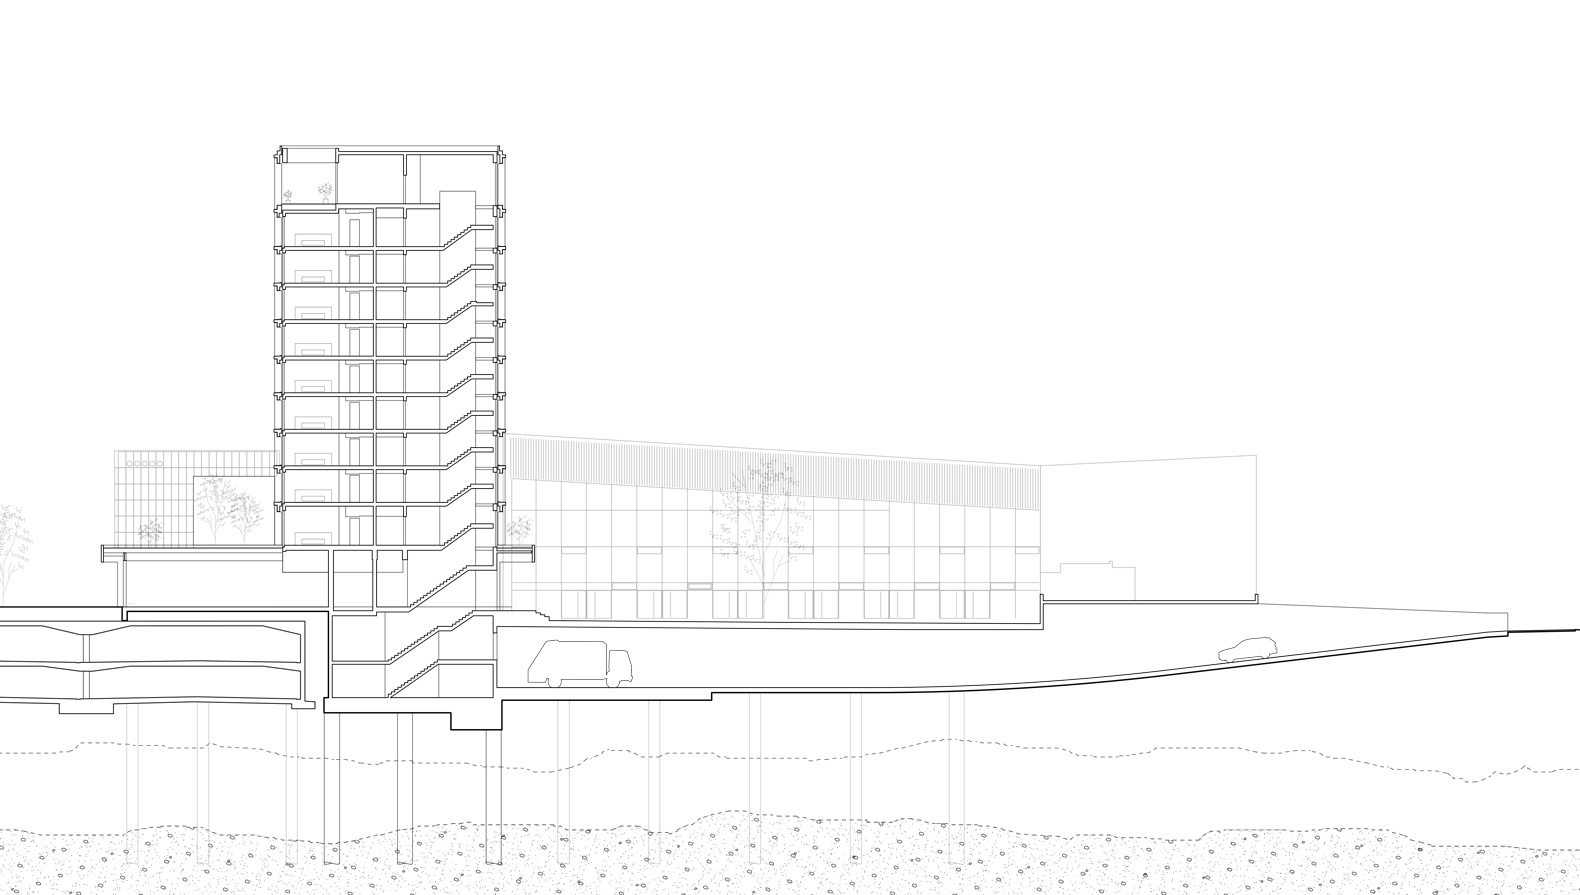 Querschnitt: Das Hochhaus gründet auf Bohrpfählen neben der Bestandstiefgarage und das Restaurant steht als Stahlkonstruktion darauf.